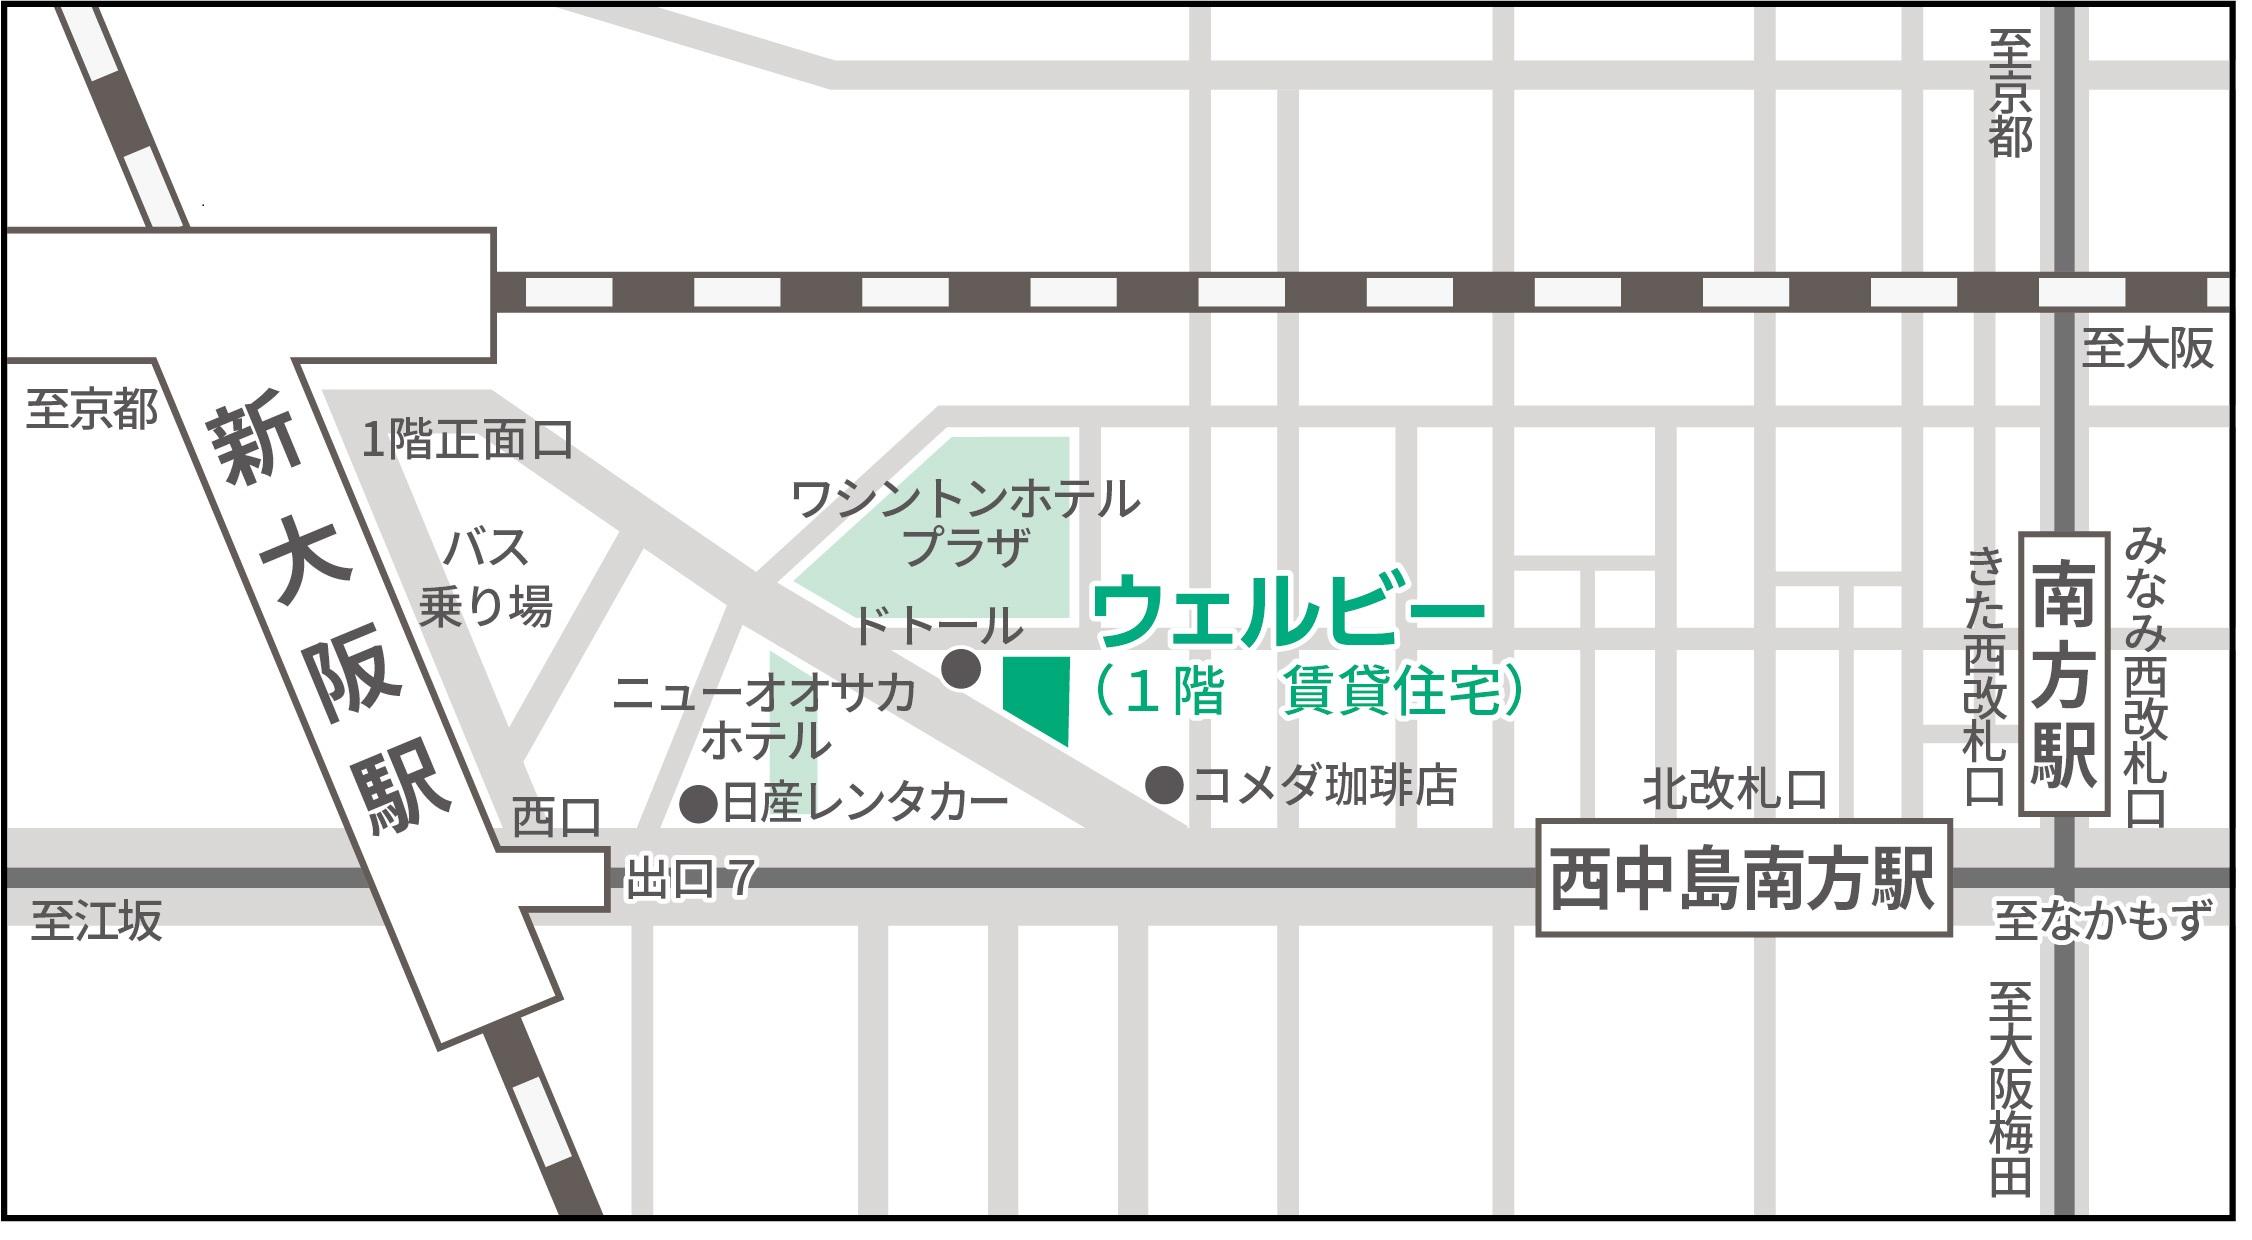 新大阪センターWord地図イメージ